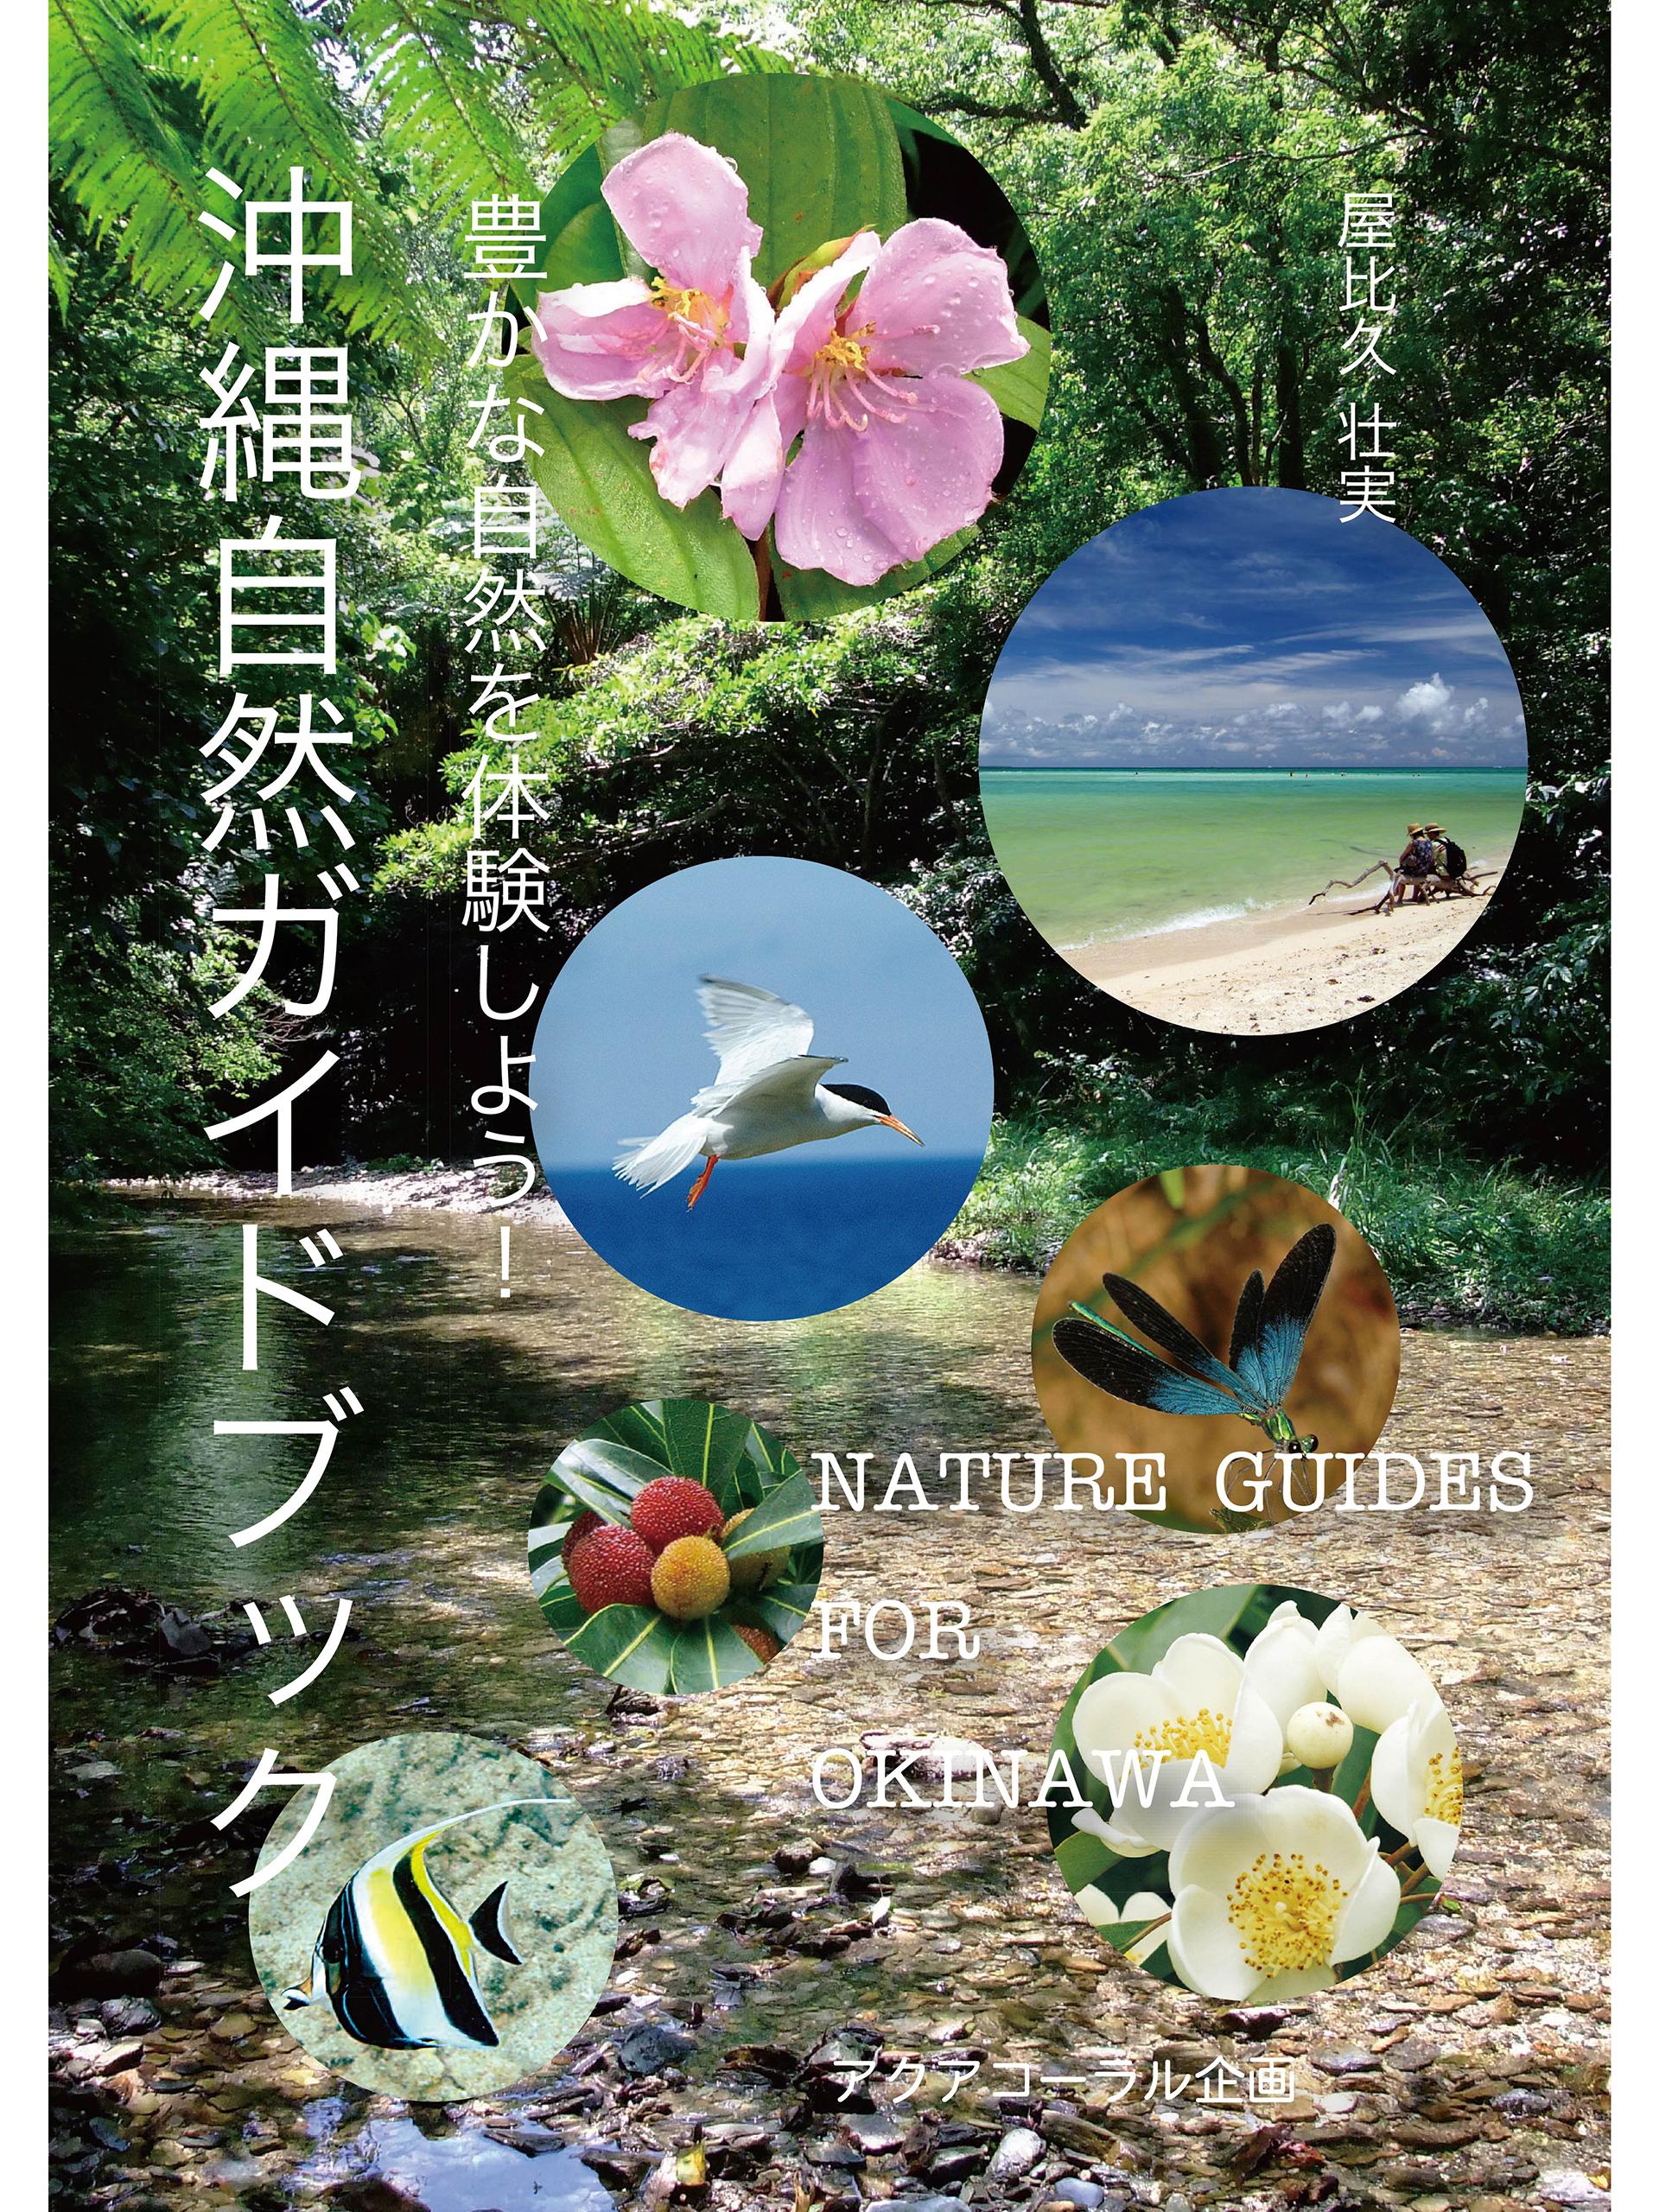 沖縄自然ガイドブック 豊かな自然を体験しよう!